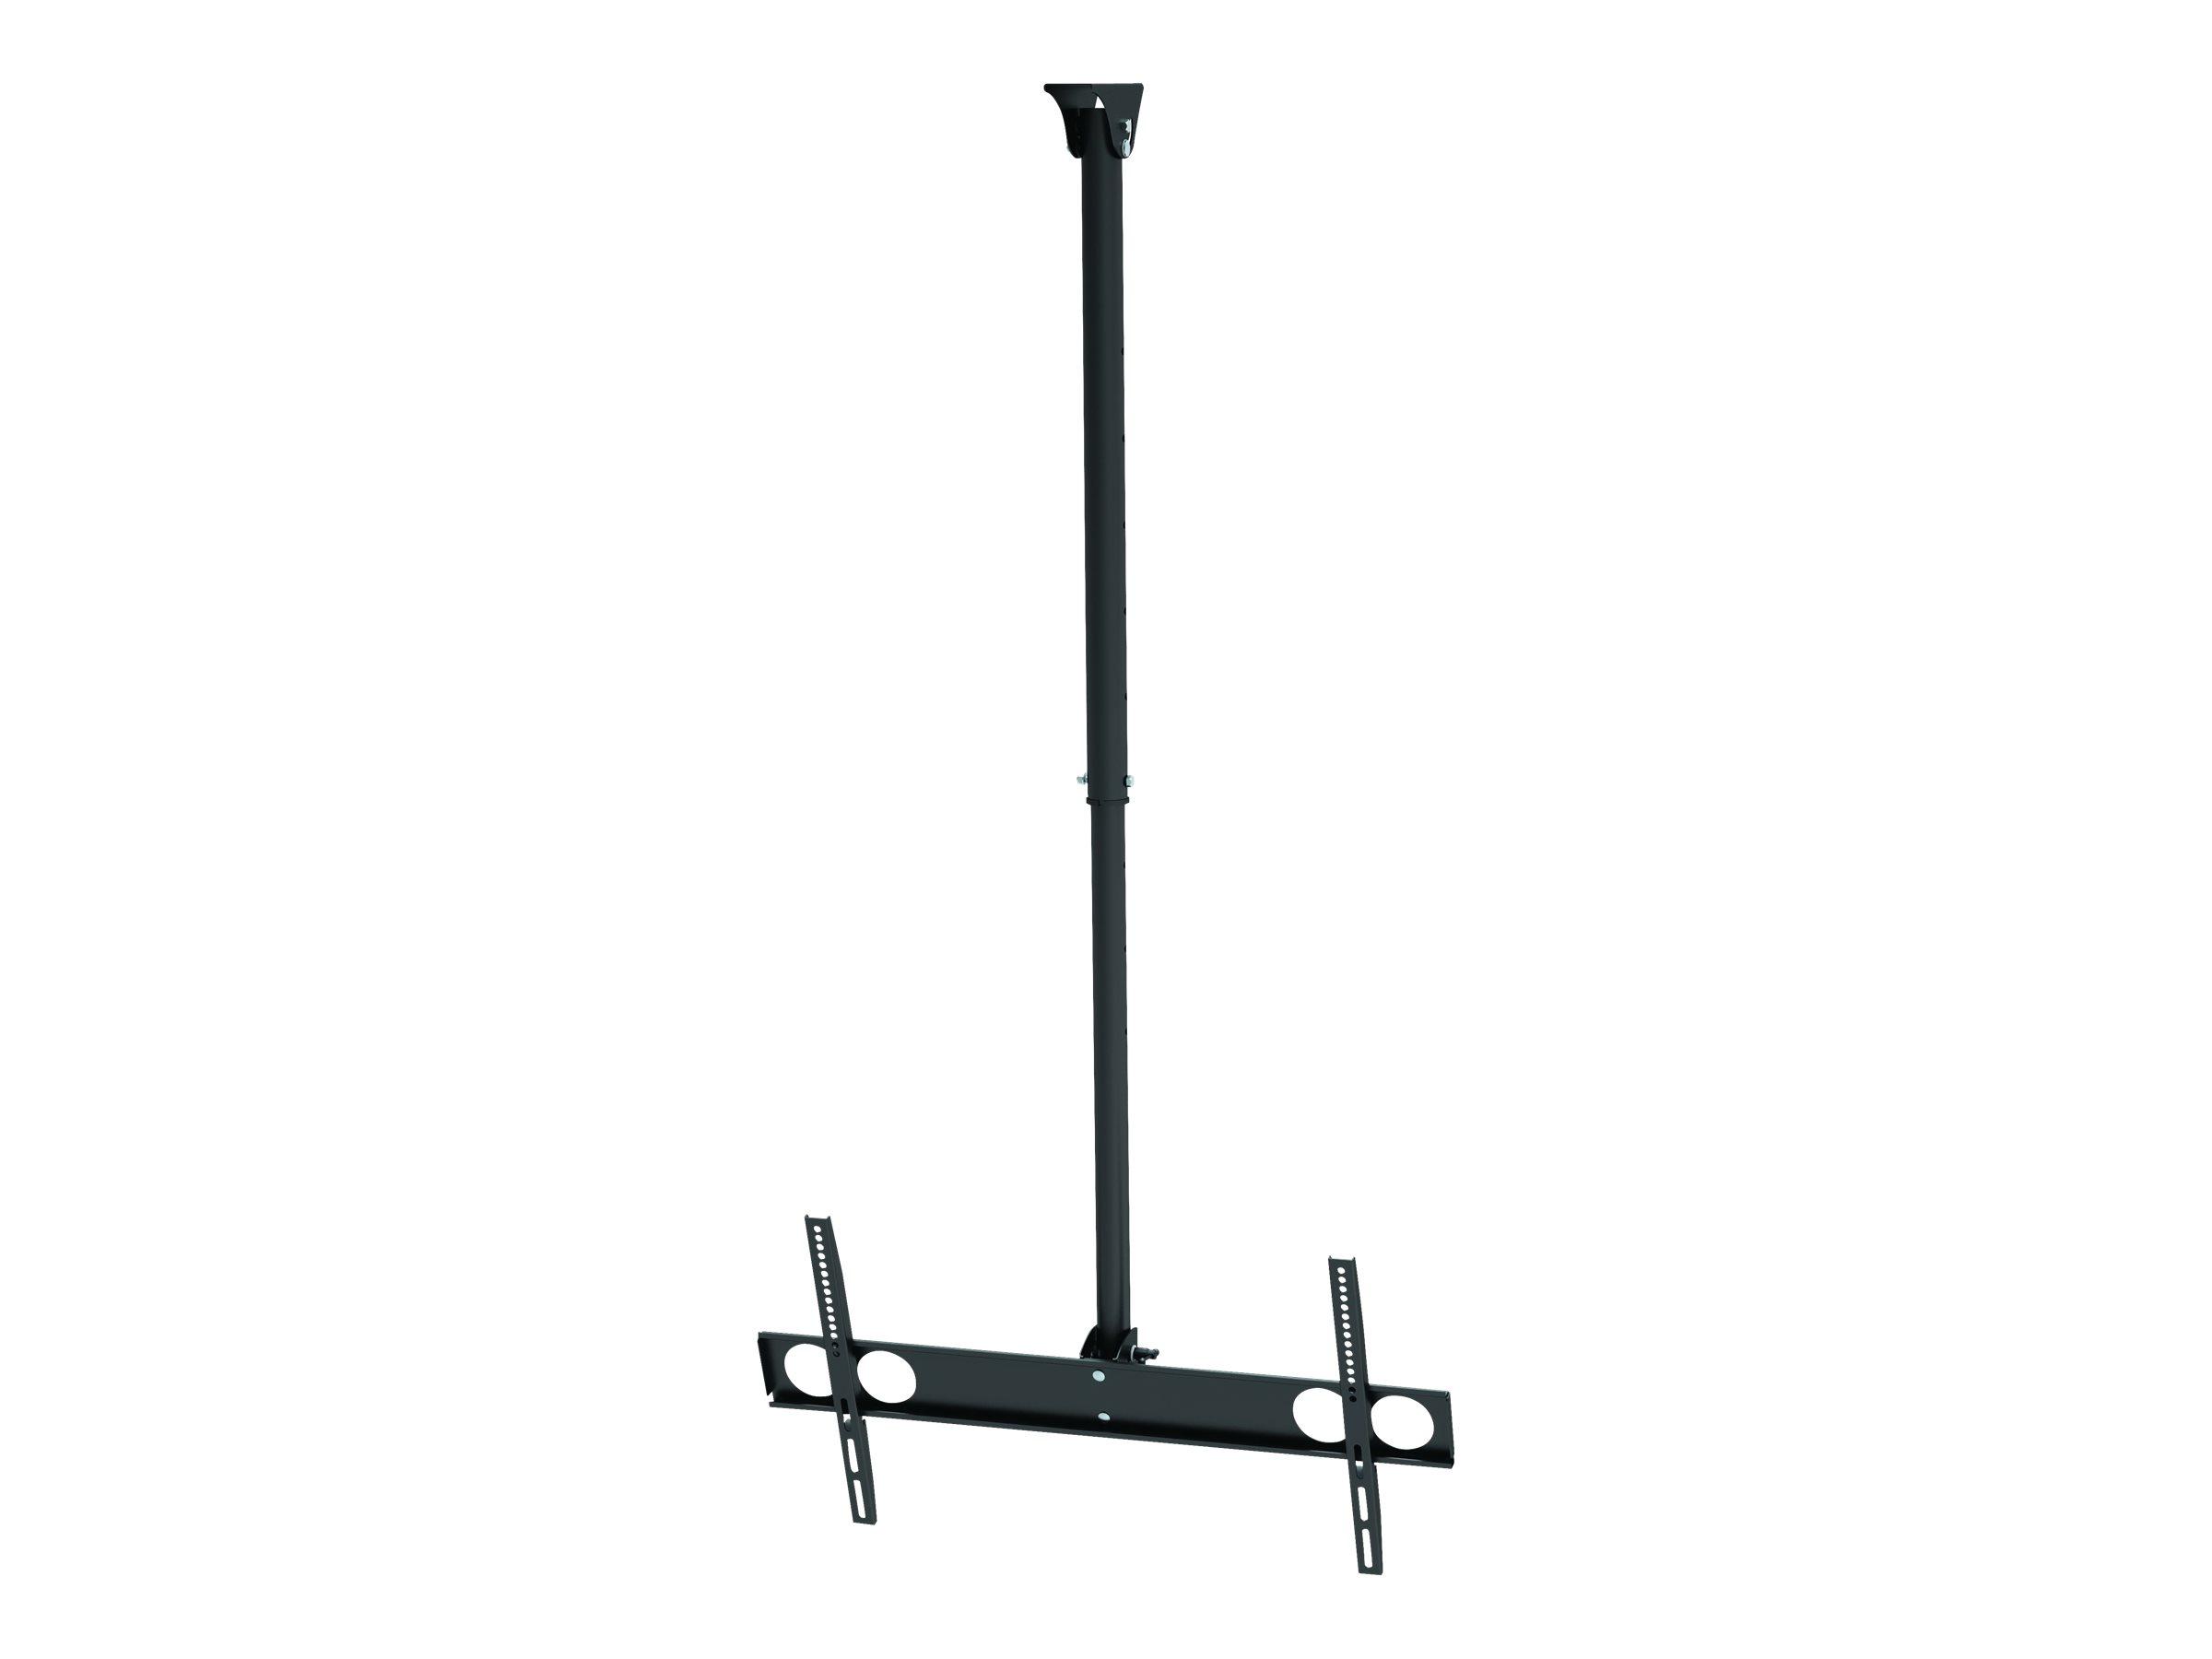 """Sunne PL-C62 - Befestigungskit (Deckenhalterung) für LCD-/Plasmafernseher - Stahl - Silber - Bildschirmgröße: 94-160 cm (37""""-63"""")"""